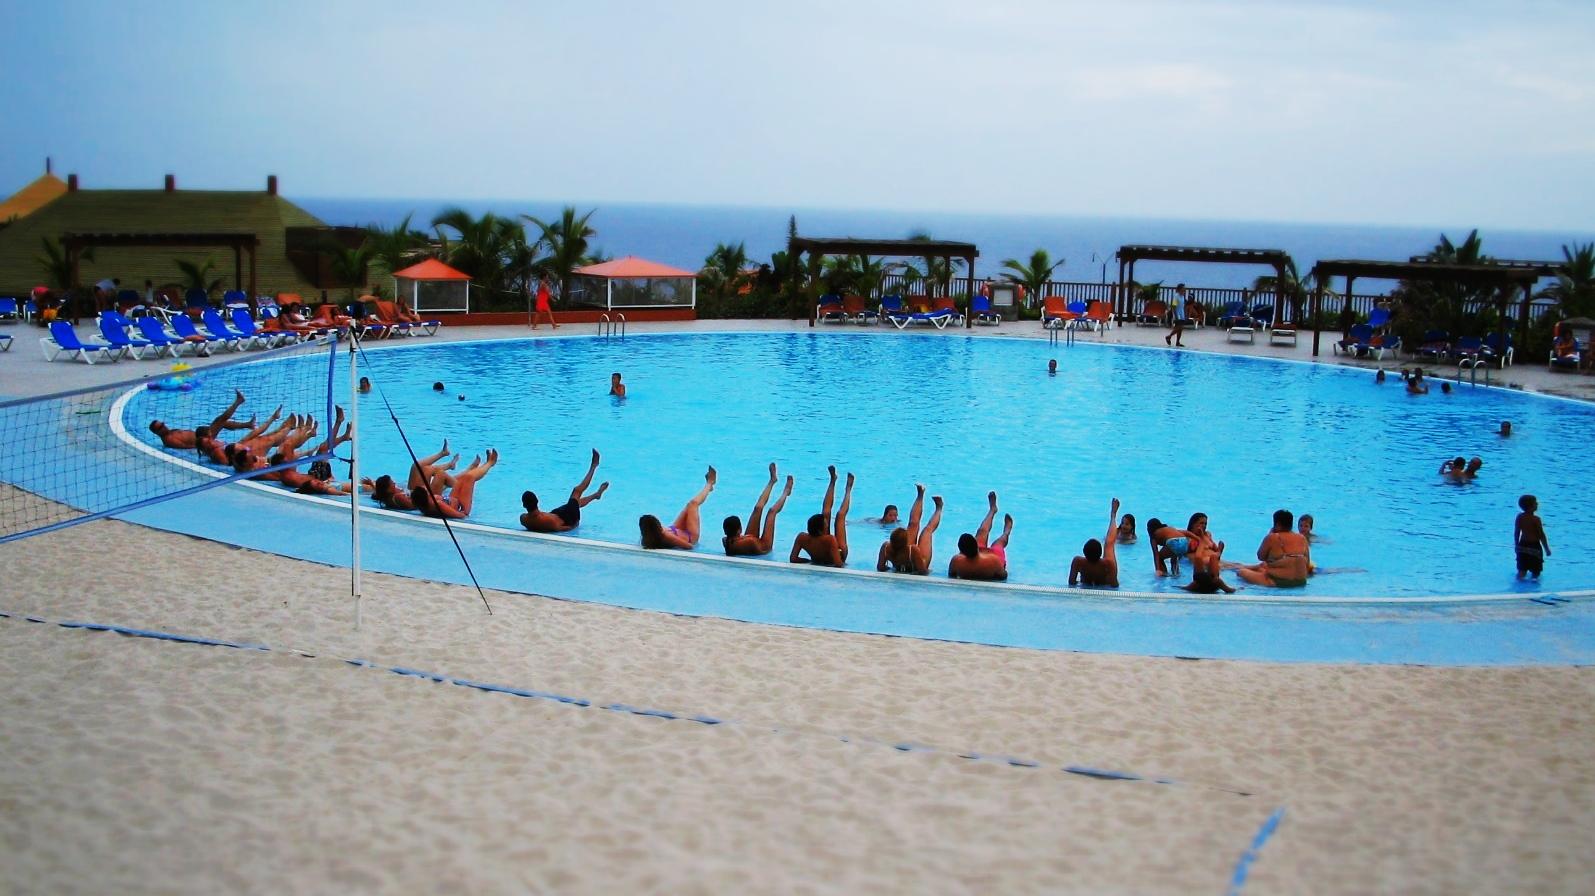 Wassergymnastik im Prinzess Hotel auf La Palma